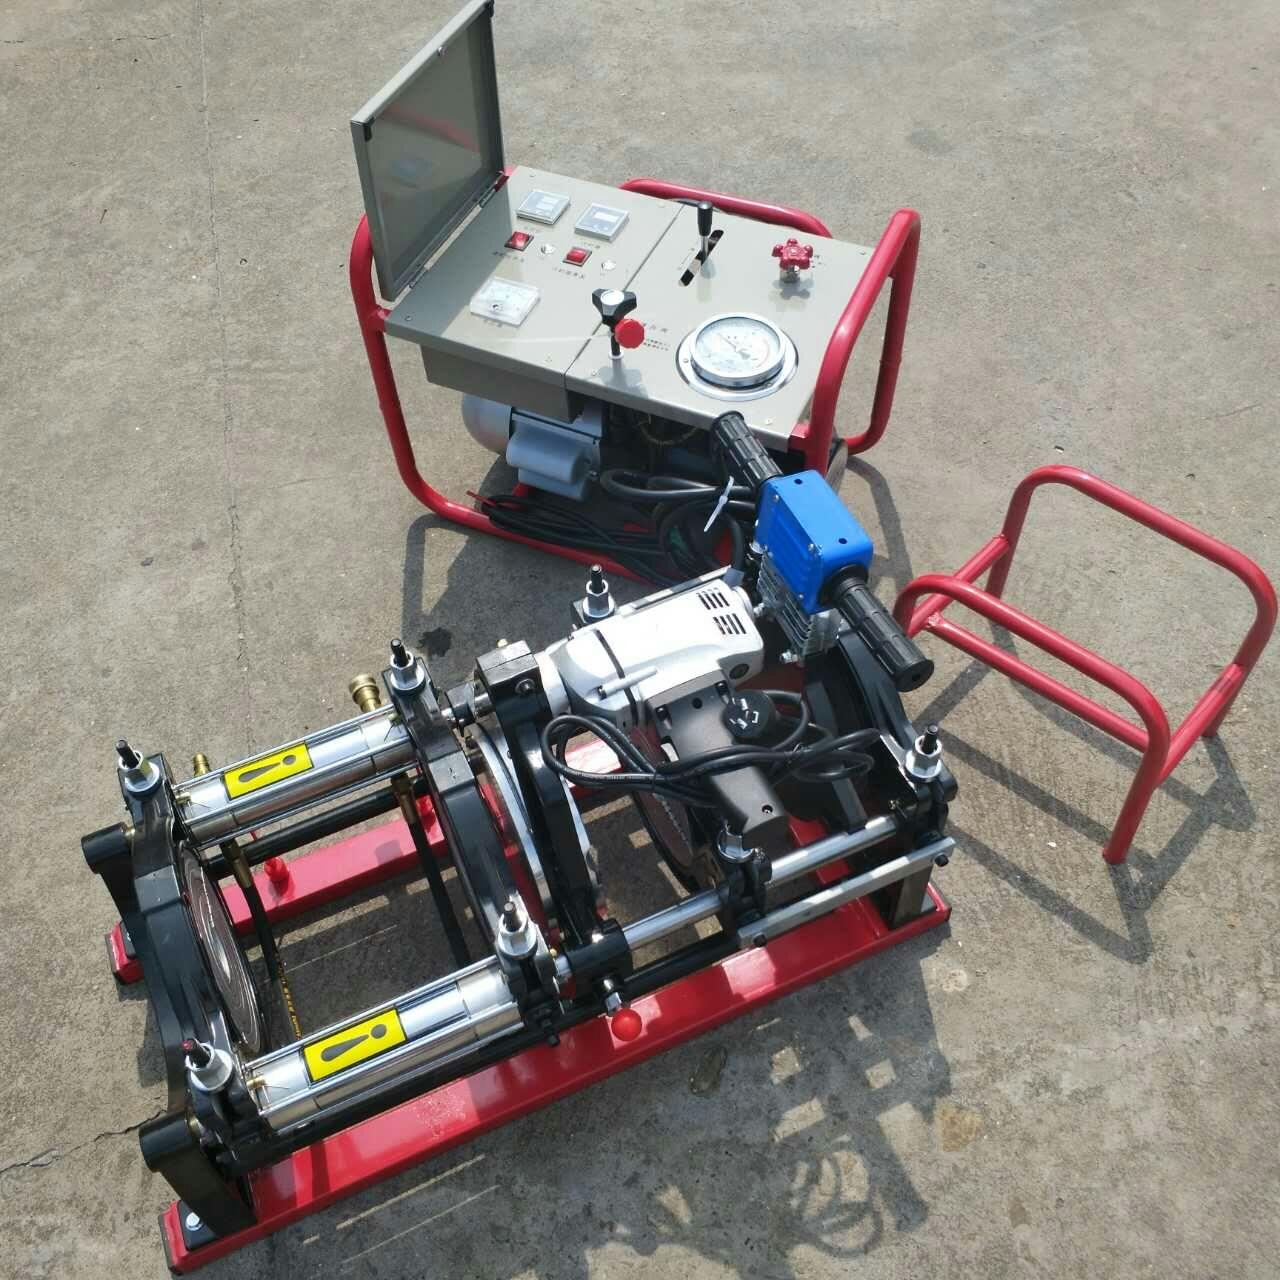 Продаётся напрямую с завода полуавтоматический PE термоплавкий стыковка сварной шов машинально гидравлическое давление стыковка машинально термоплавкий машинально гидравлическое давление стыковка сварной шов машинально